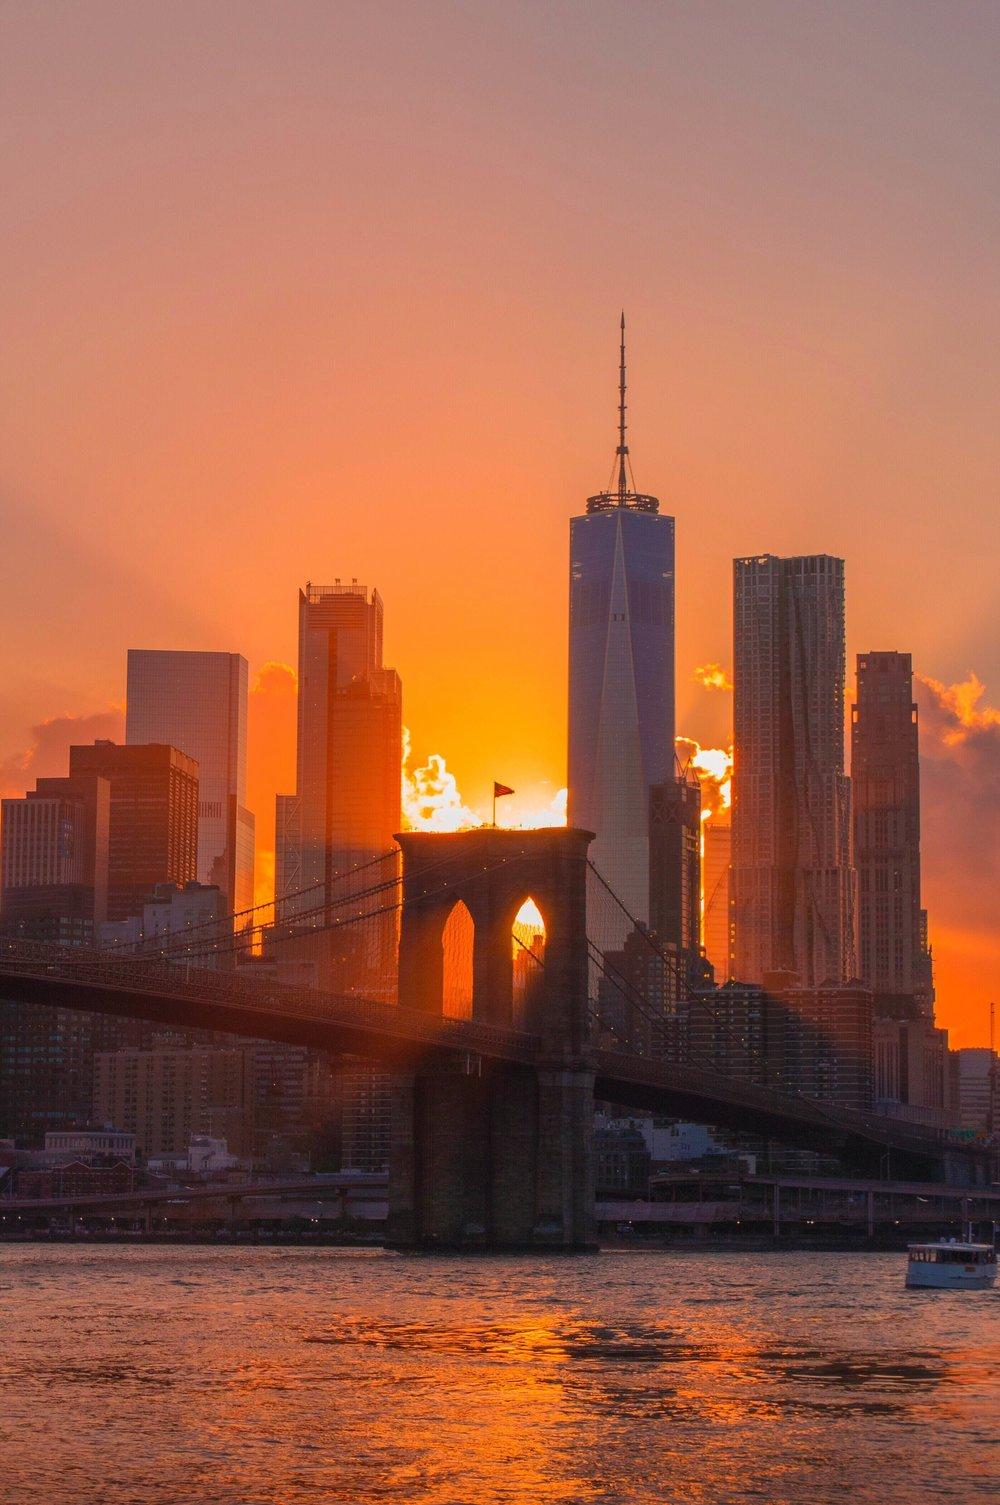 @caitrus - New York, NY